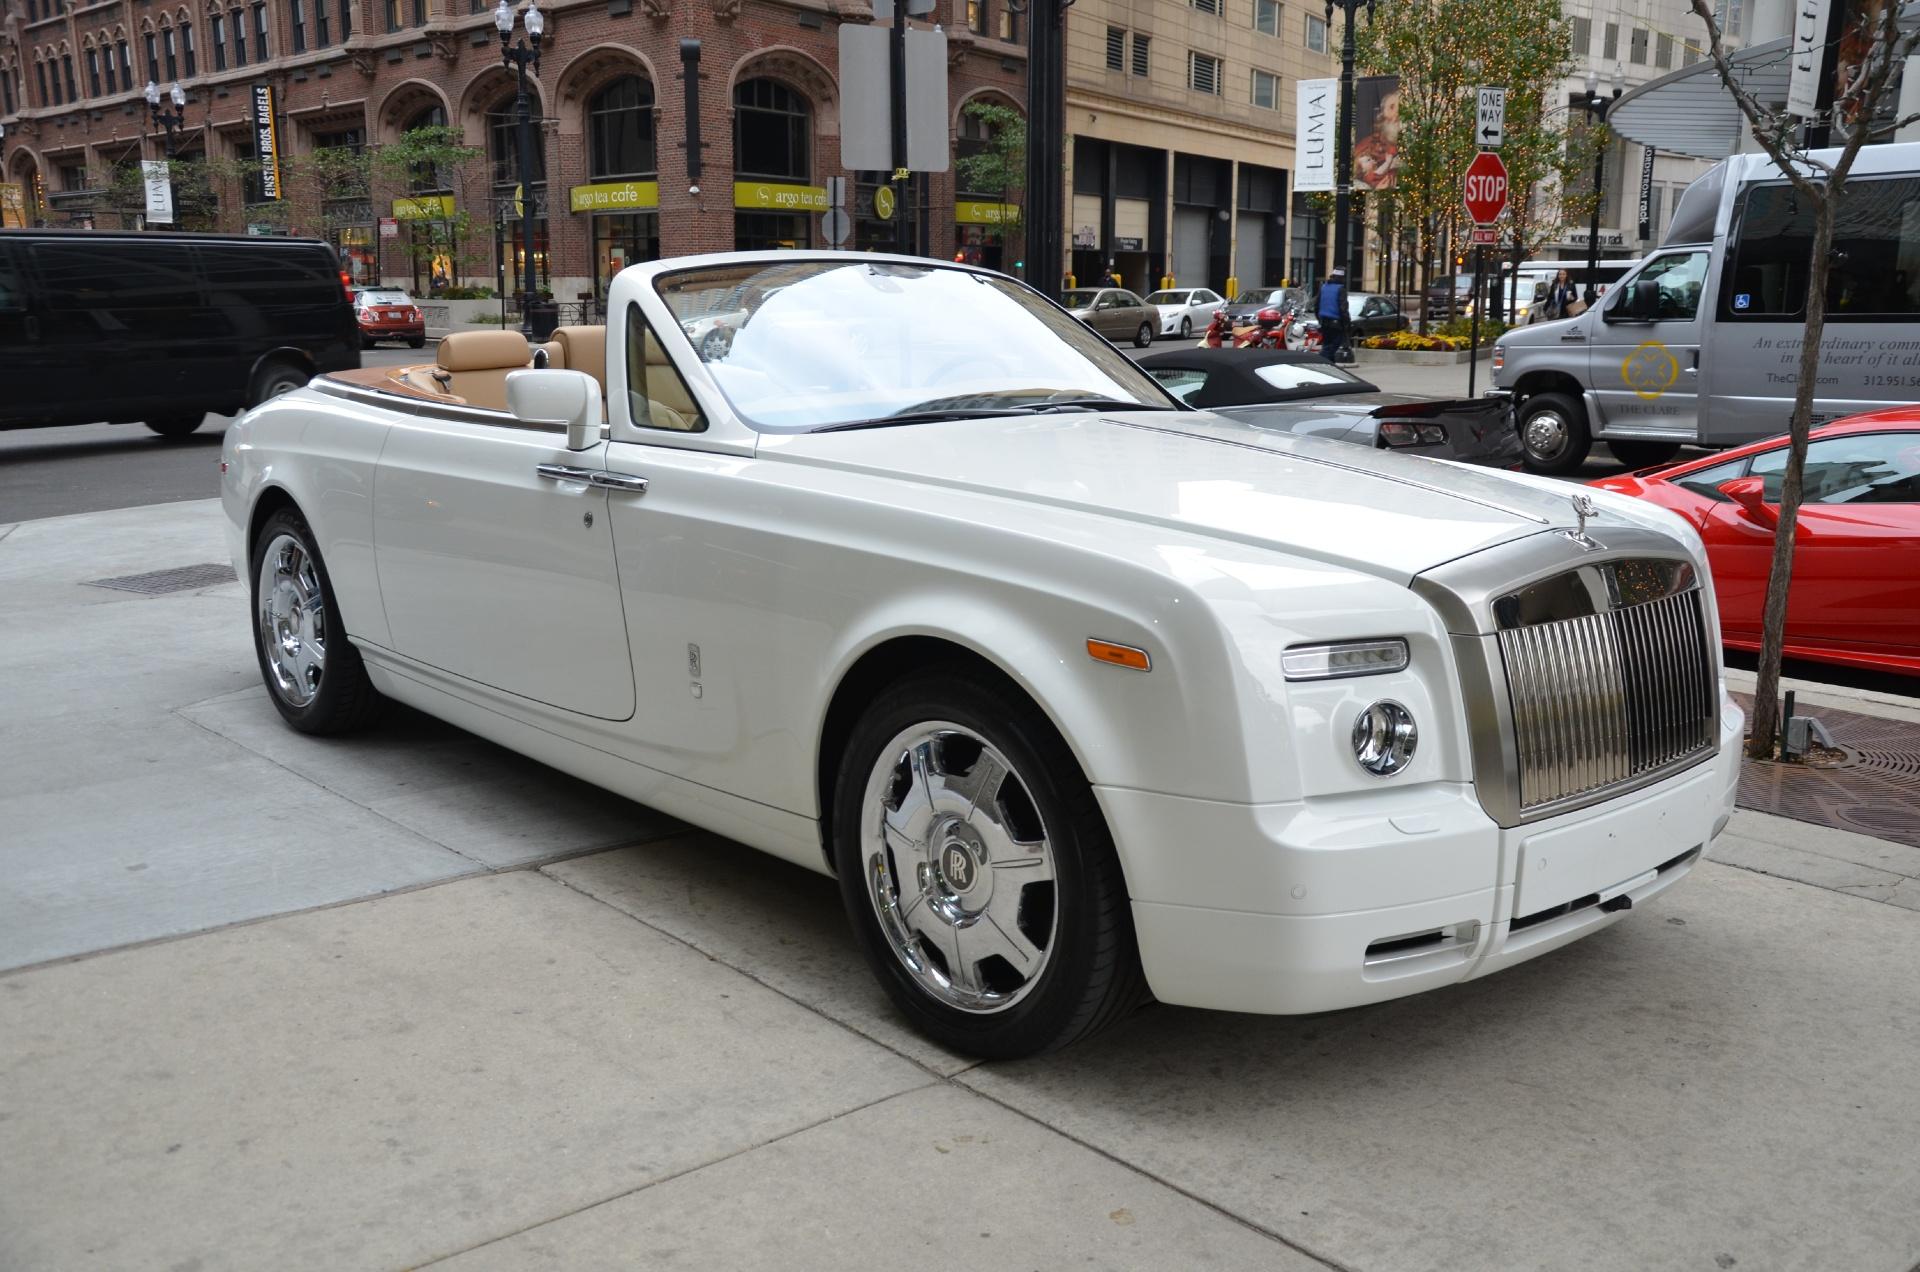 2009 rolls royce phantom drophead coupe stock gc1821 for - Rolls royce phantom drophead coupe for sale ...